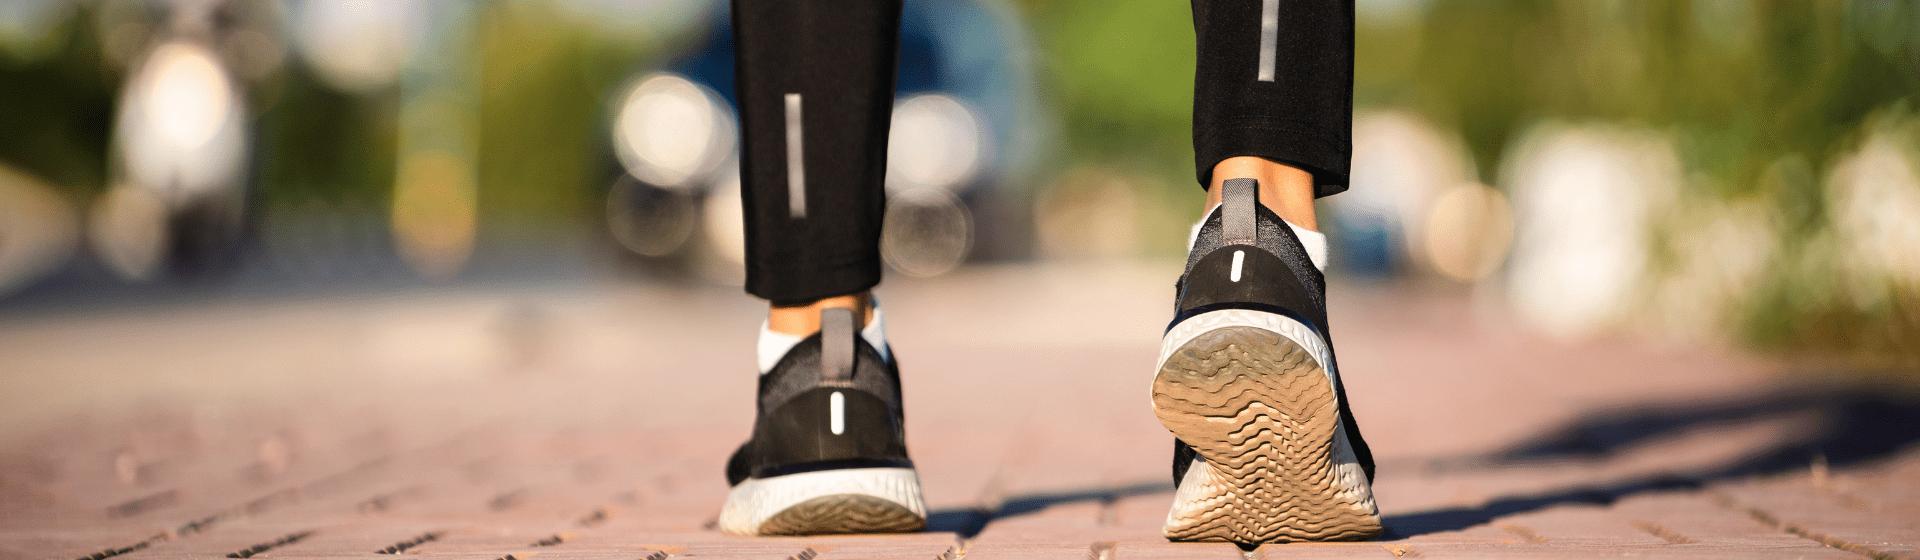 Veja os tênis para corrida mais vendidos no Buscapé